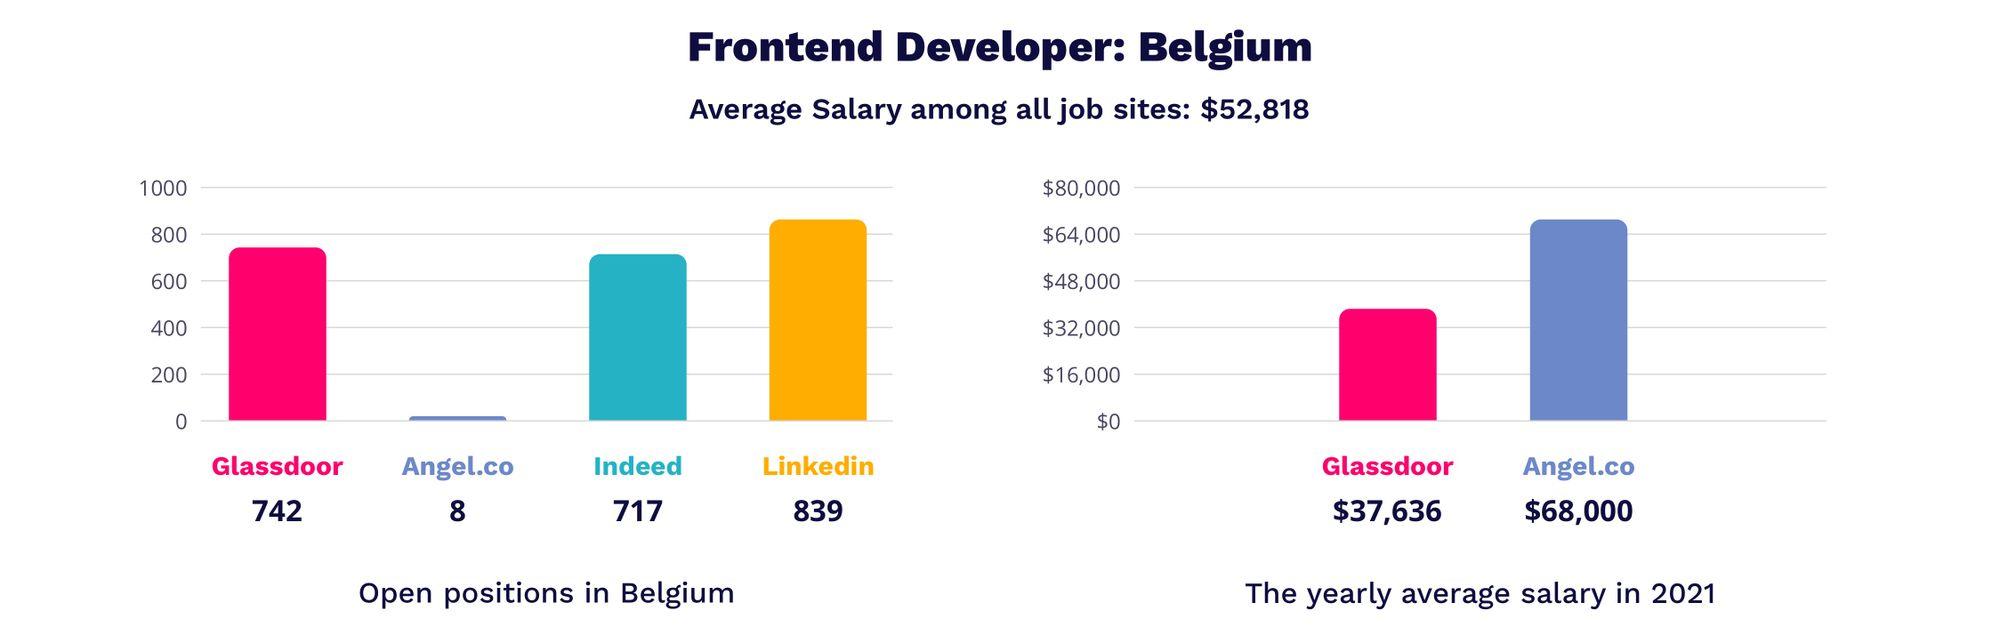 frontend developer salary in Belgium